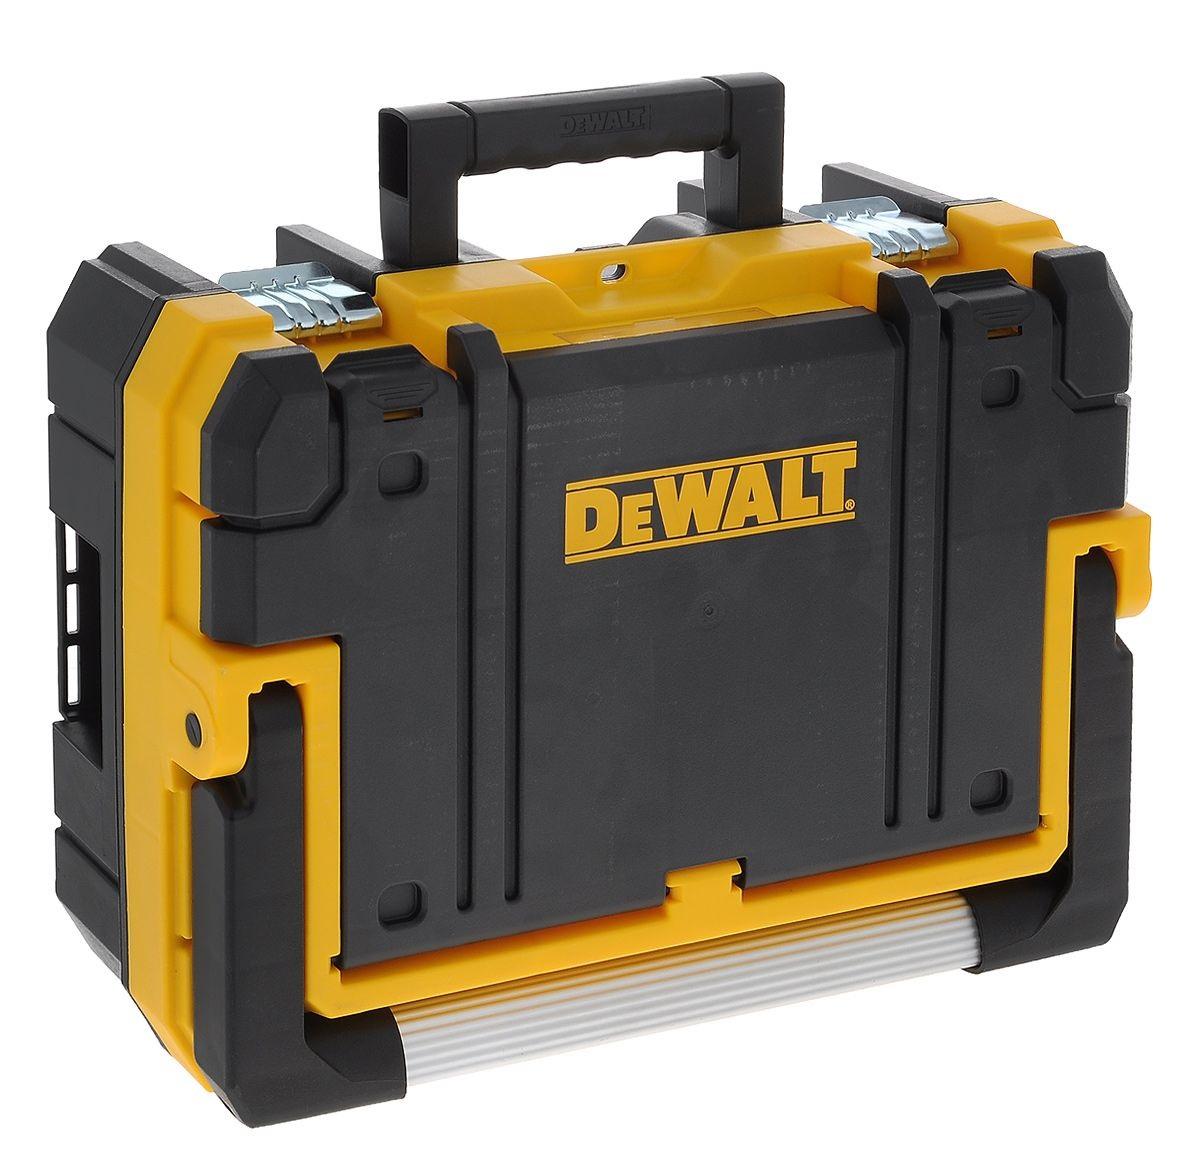 Ящик для инструментов Stanley Tstak i dwst1-70704 ящик для инструмента dewalt tstak ii